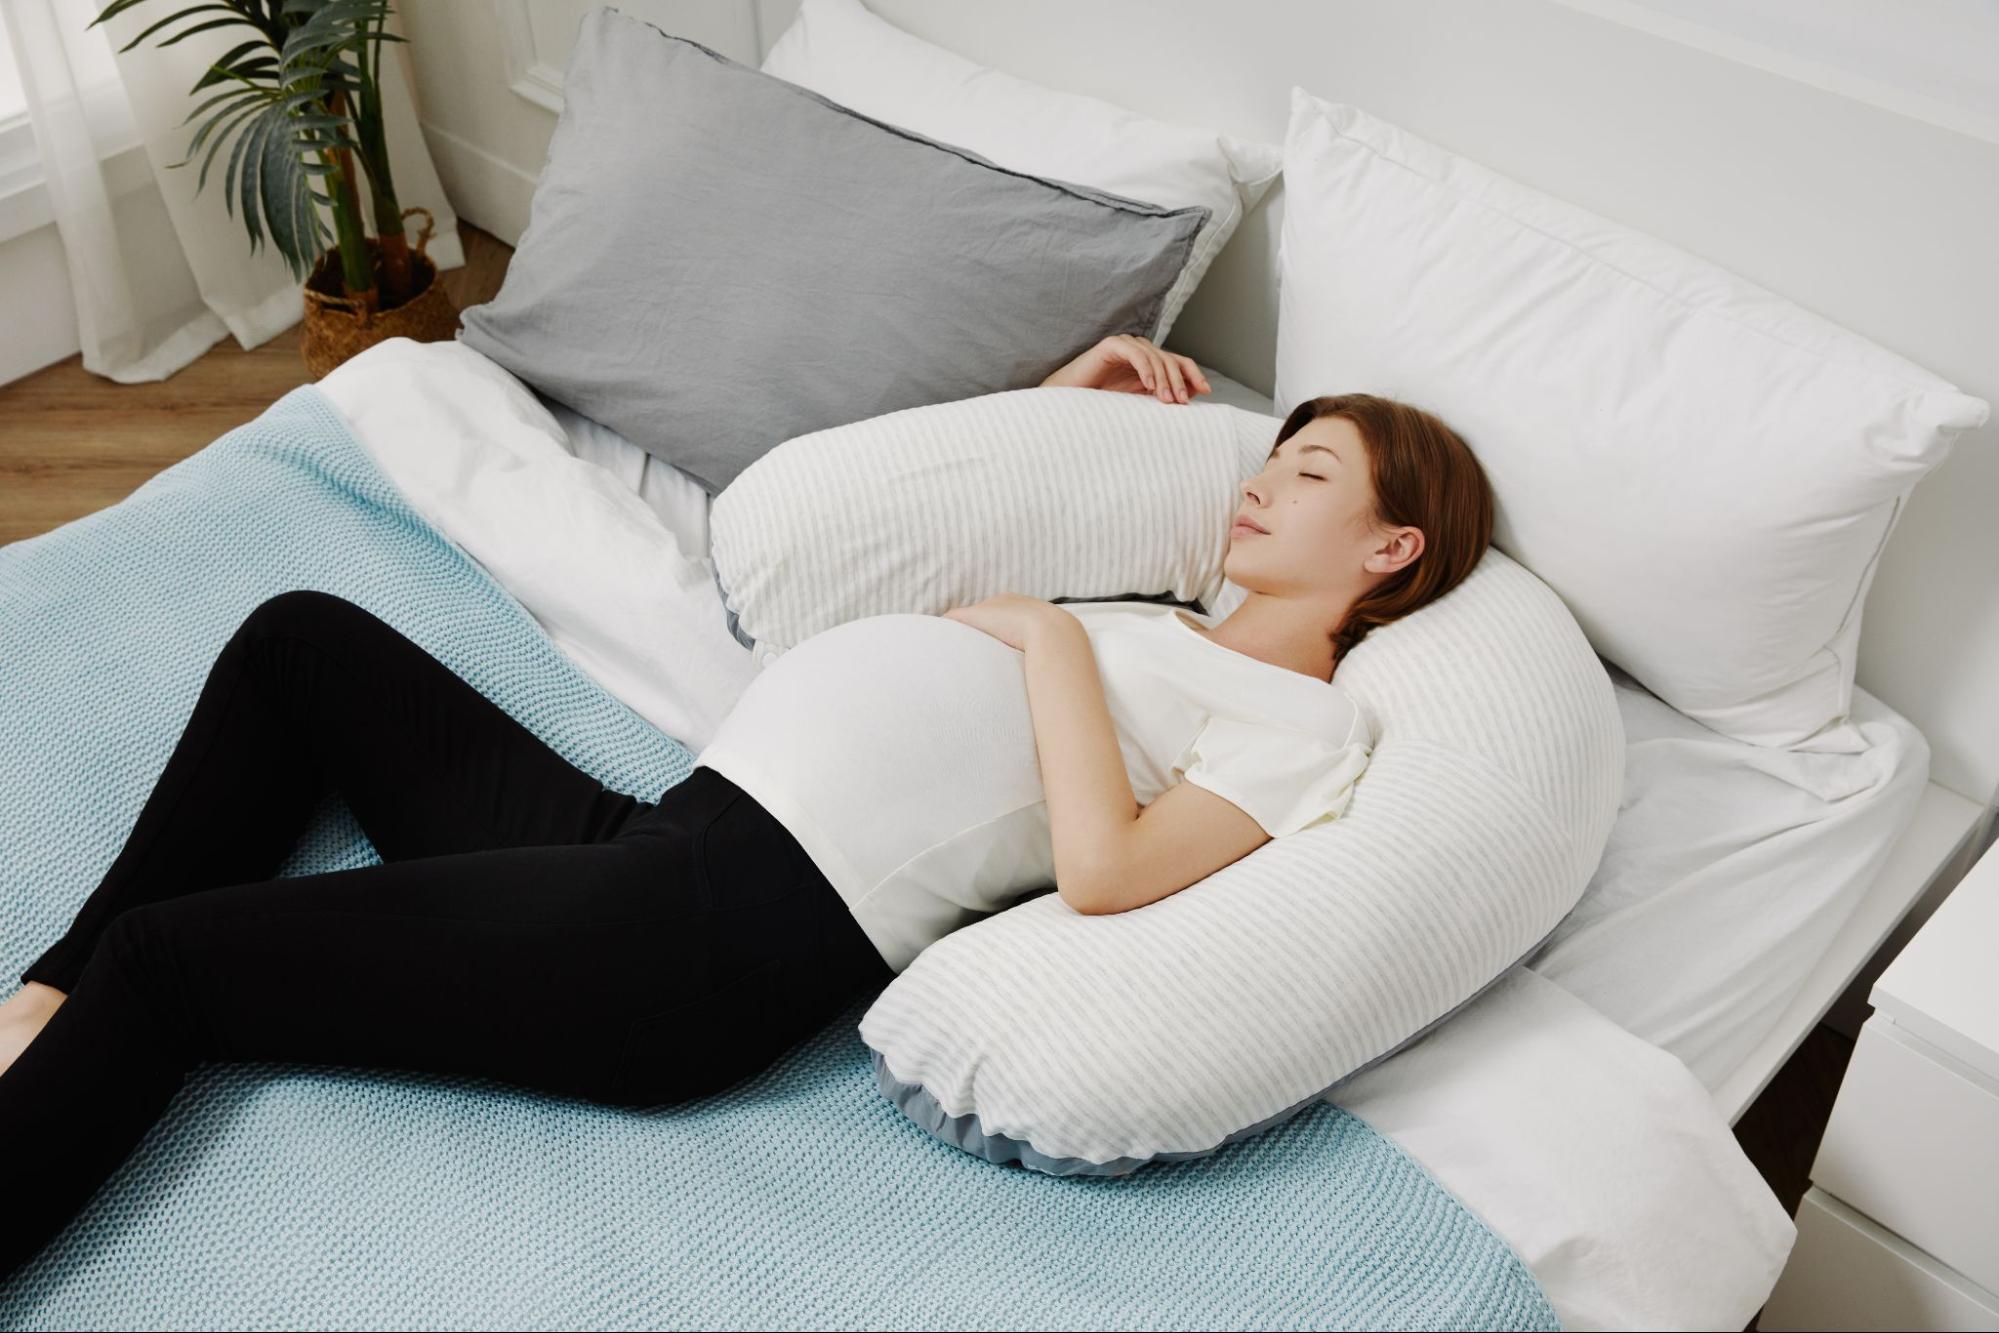 月亮枕孕婦枕可當作頸枕使用